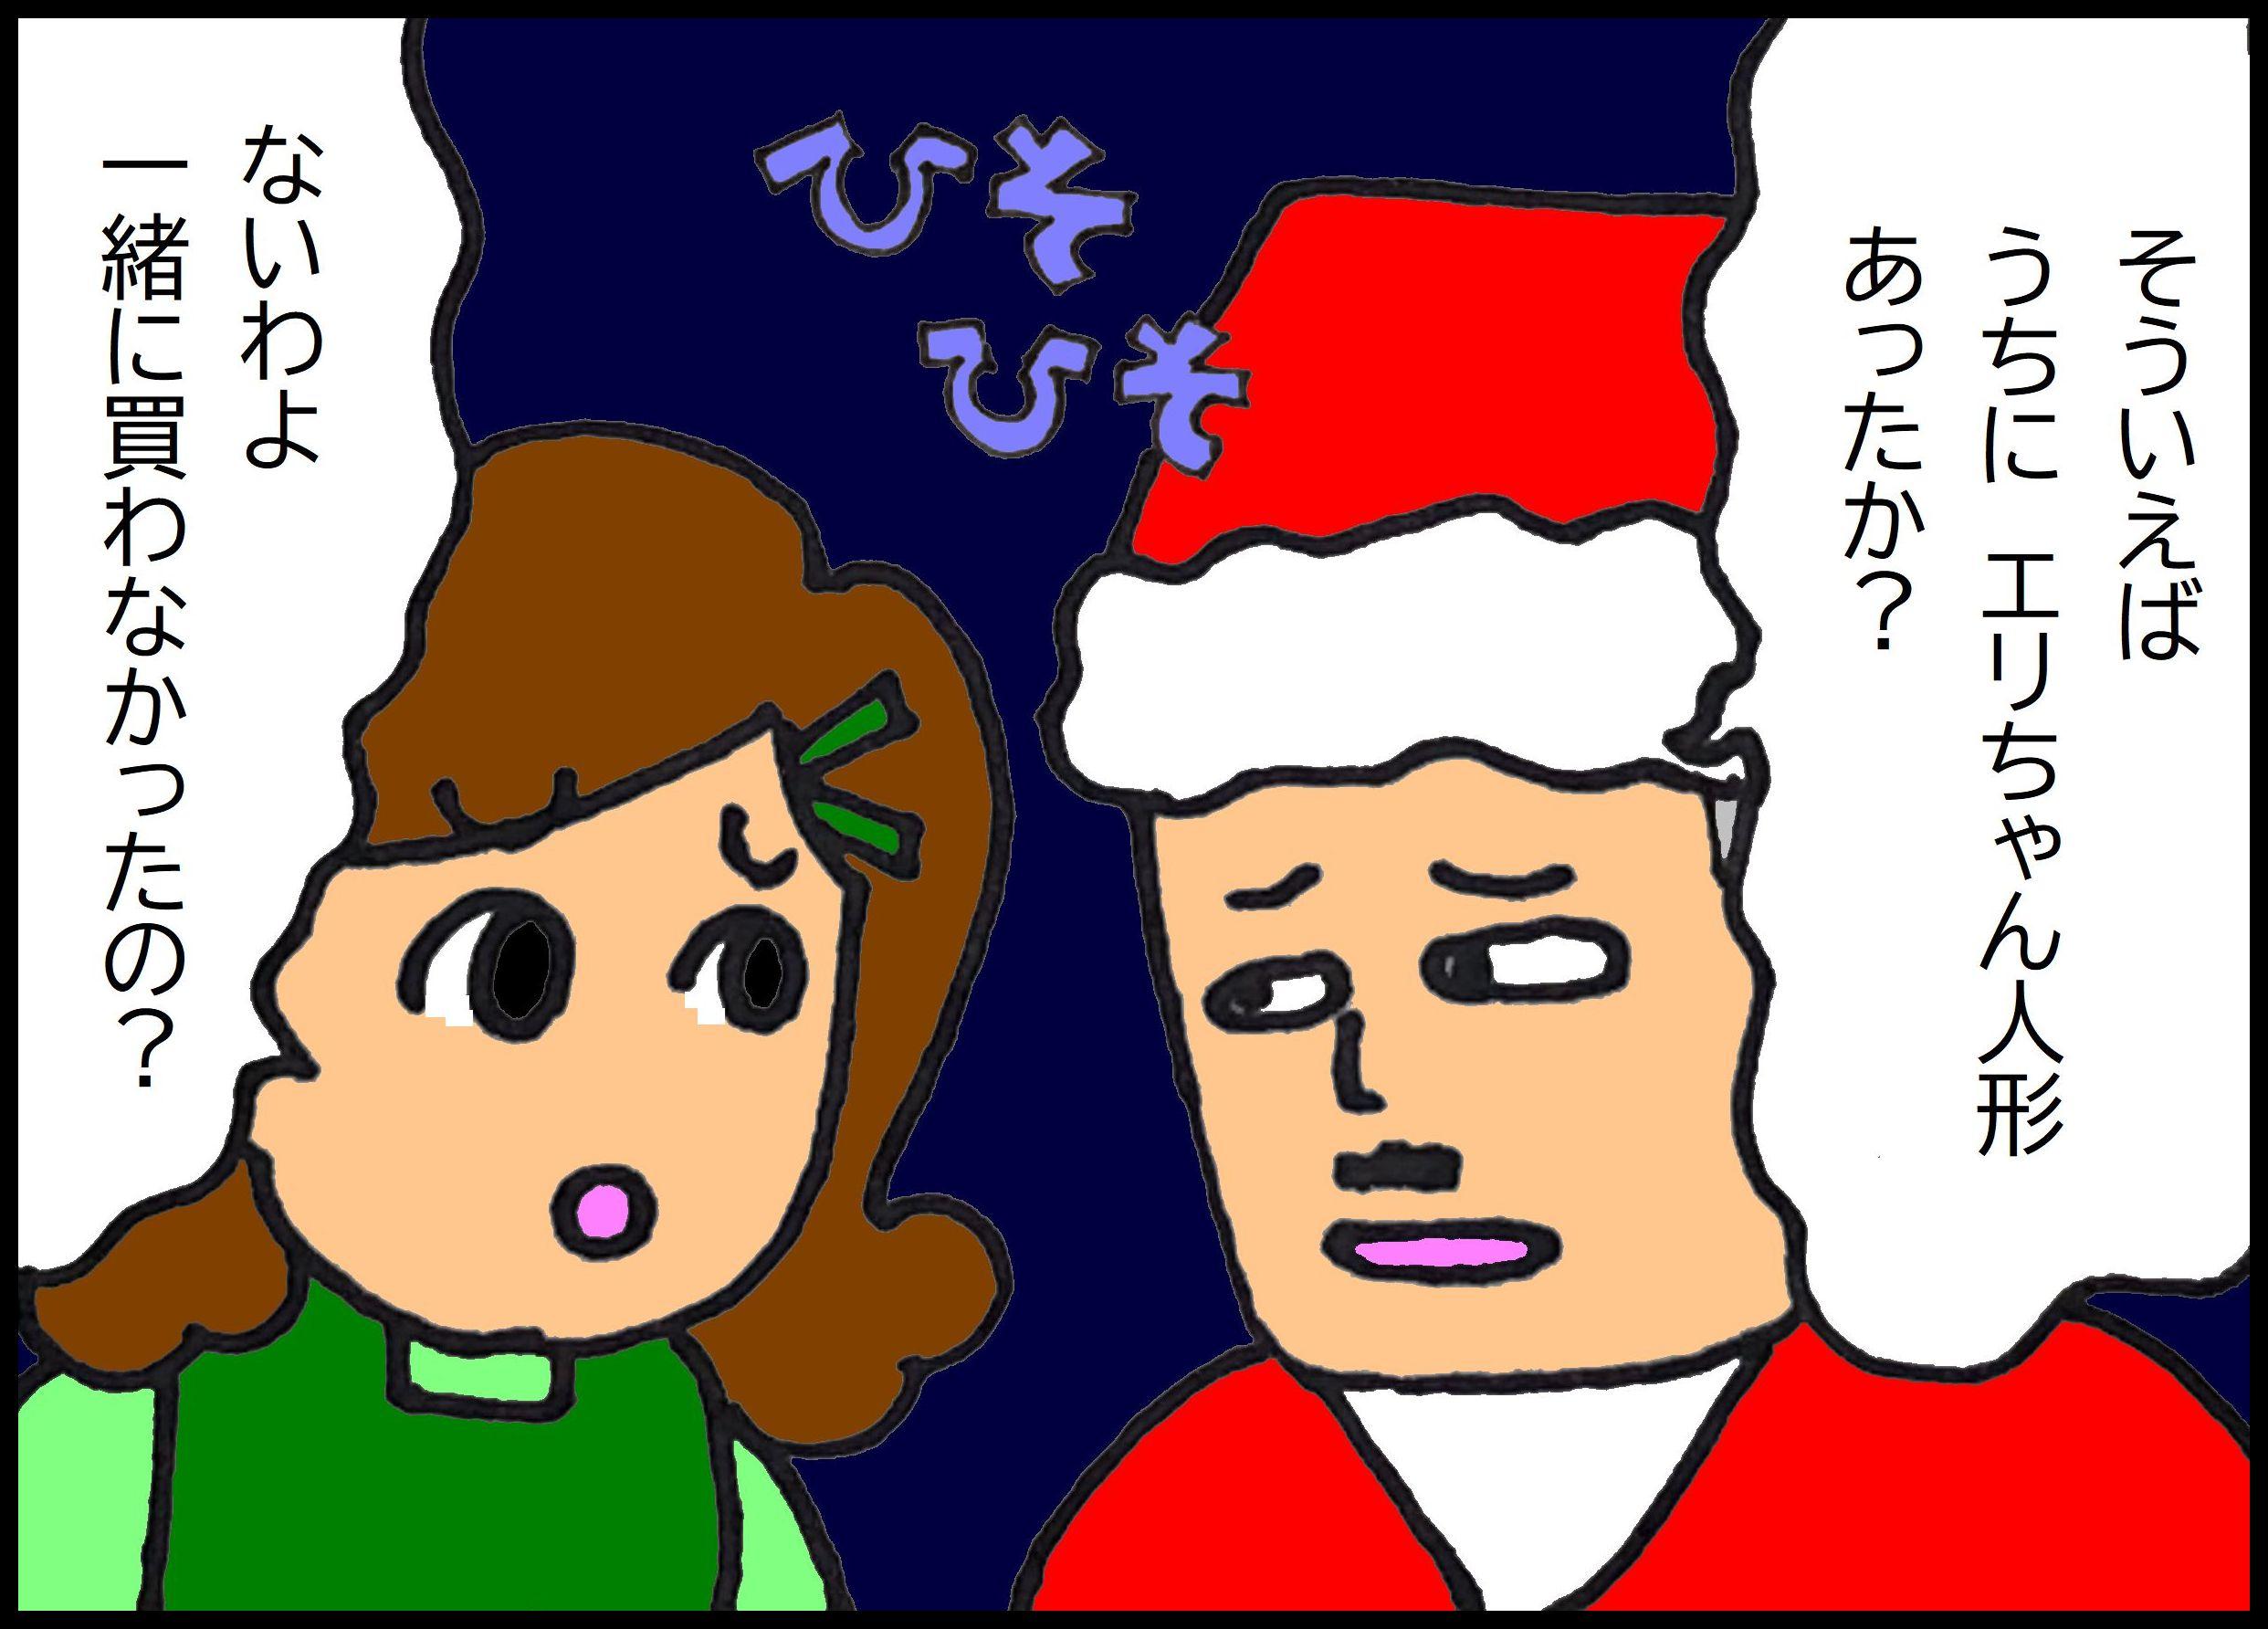 『夕やけちょこ』その18「クリスマスプレゼント」(2)